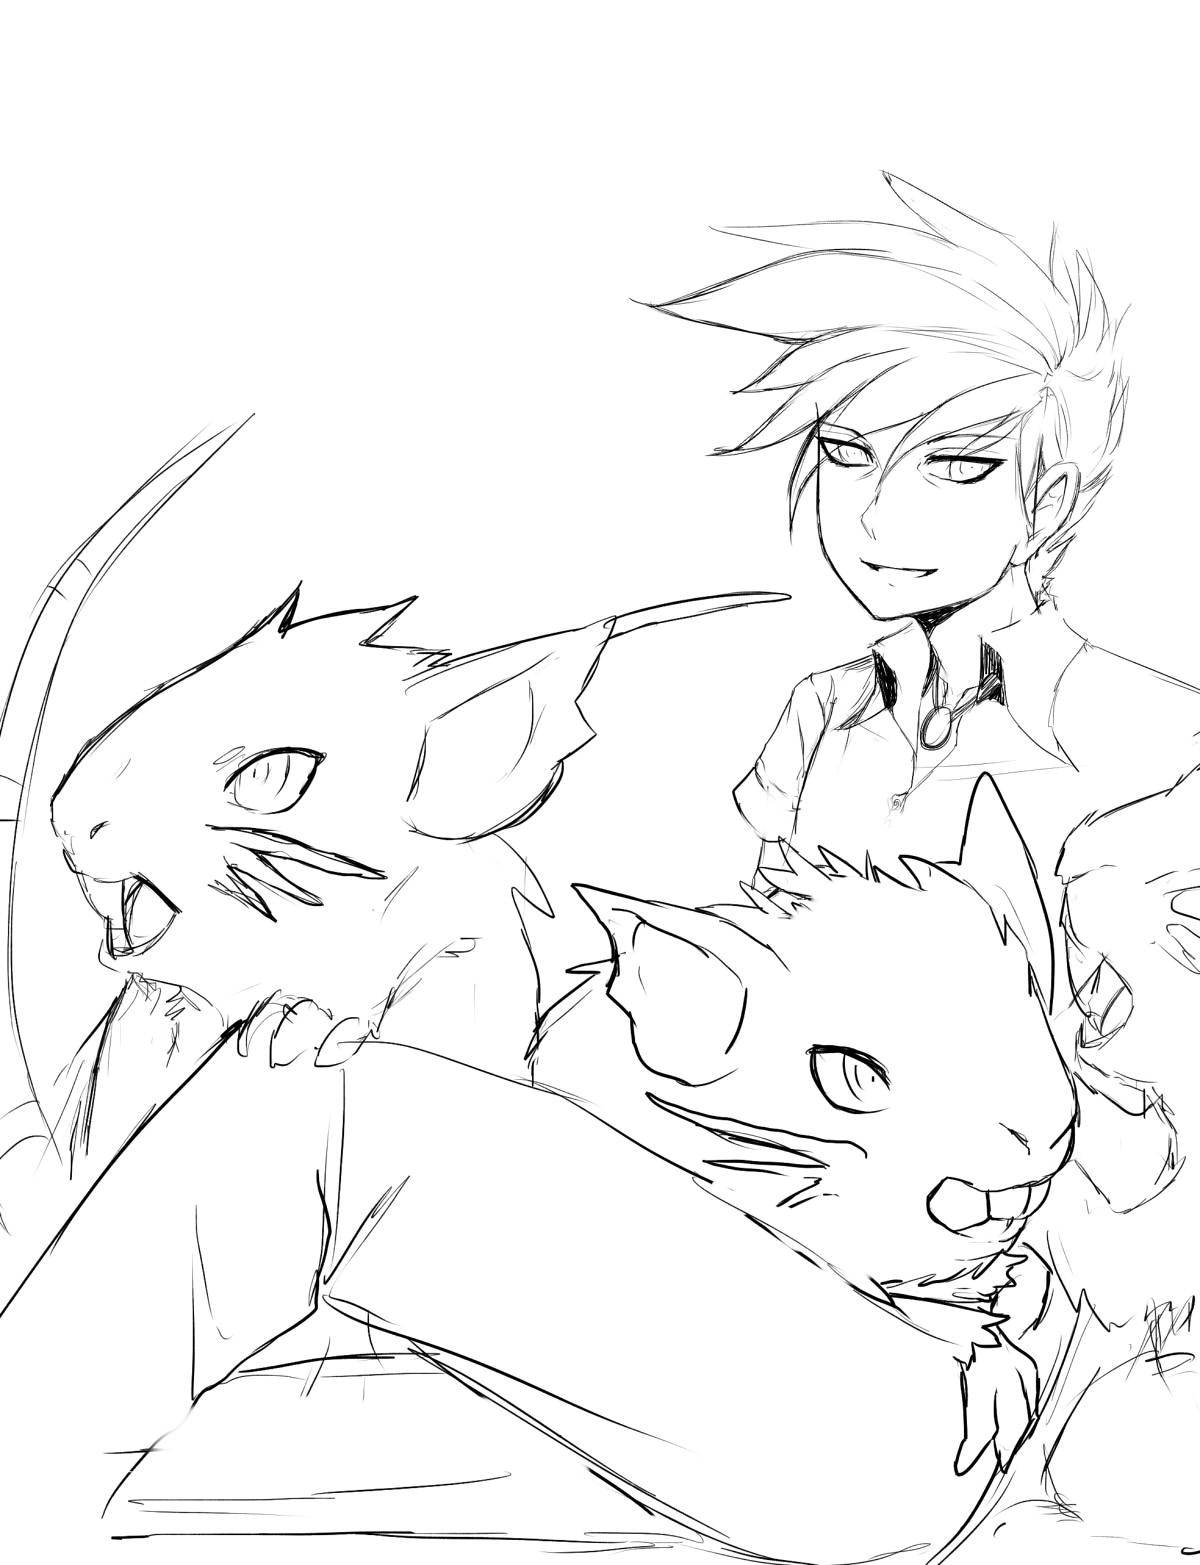 Pokémon-Zeichnung: rattikarl